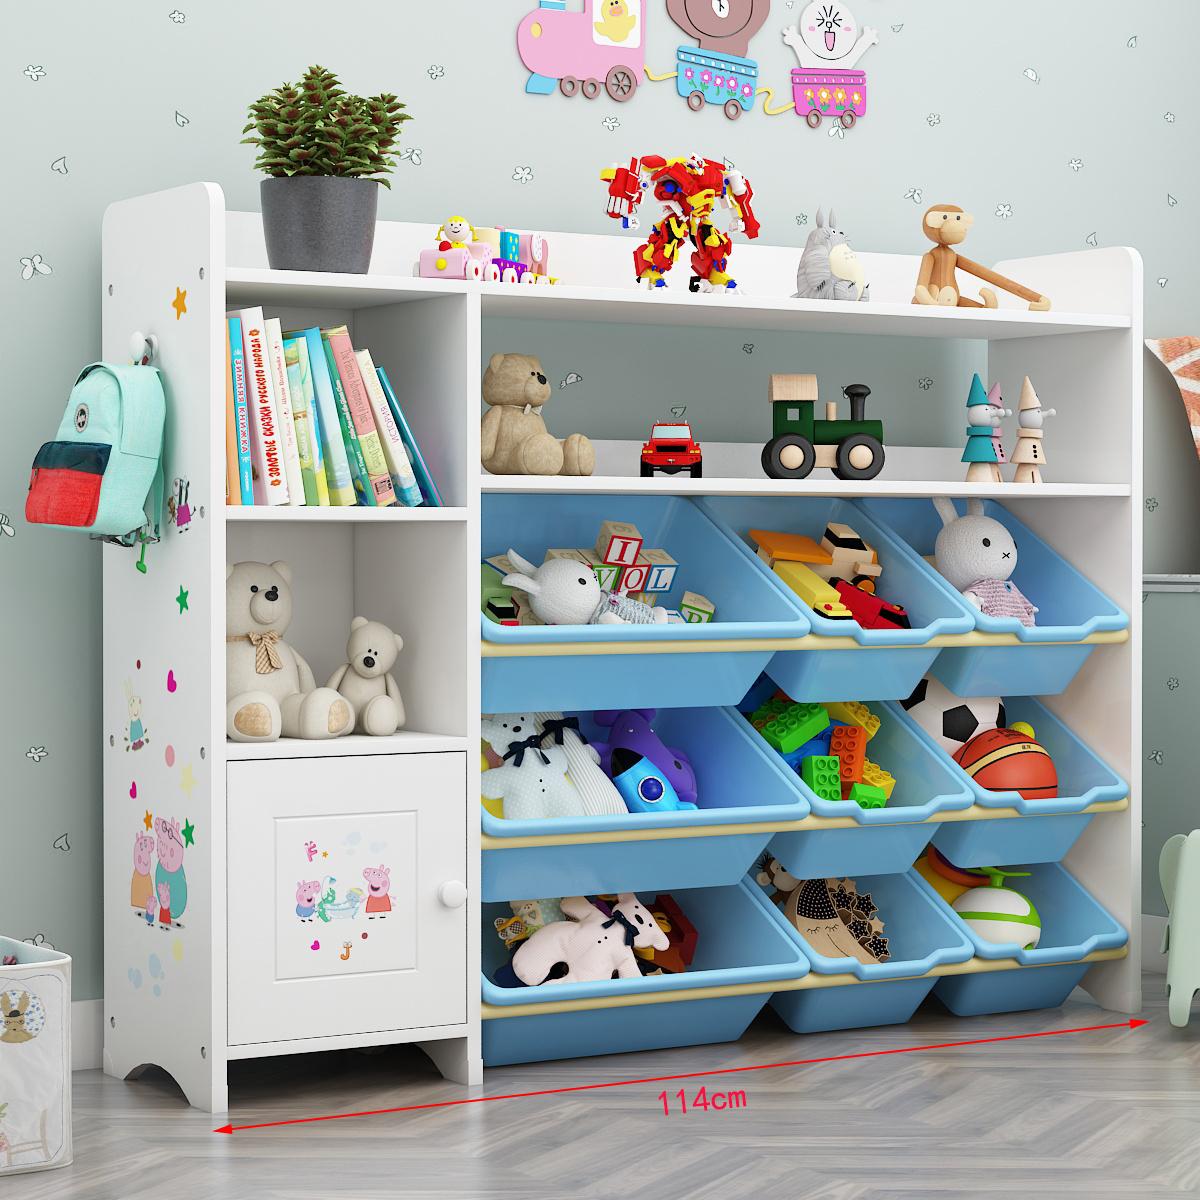 Стойки и полки для детских игрушек Артикул 520174369910